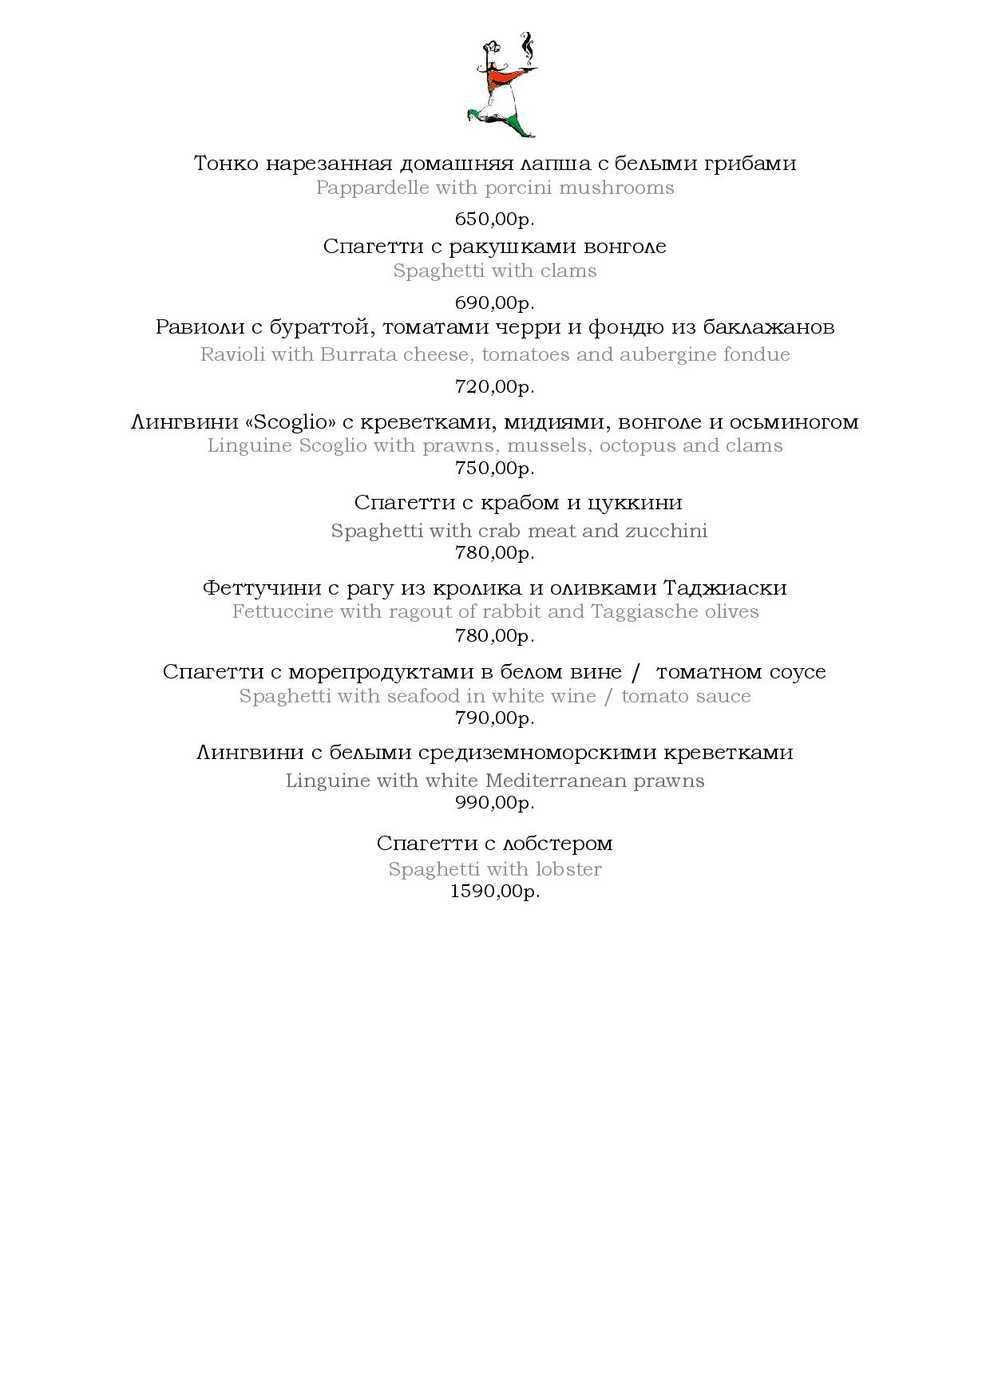 Меню ресторана Франческо (Francesco) на Суворовском проспекте фото 12